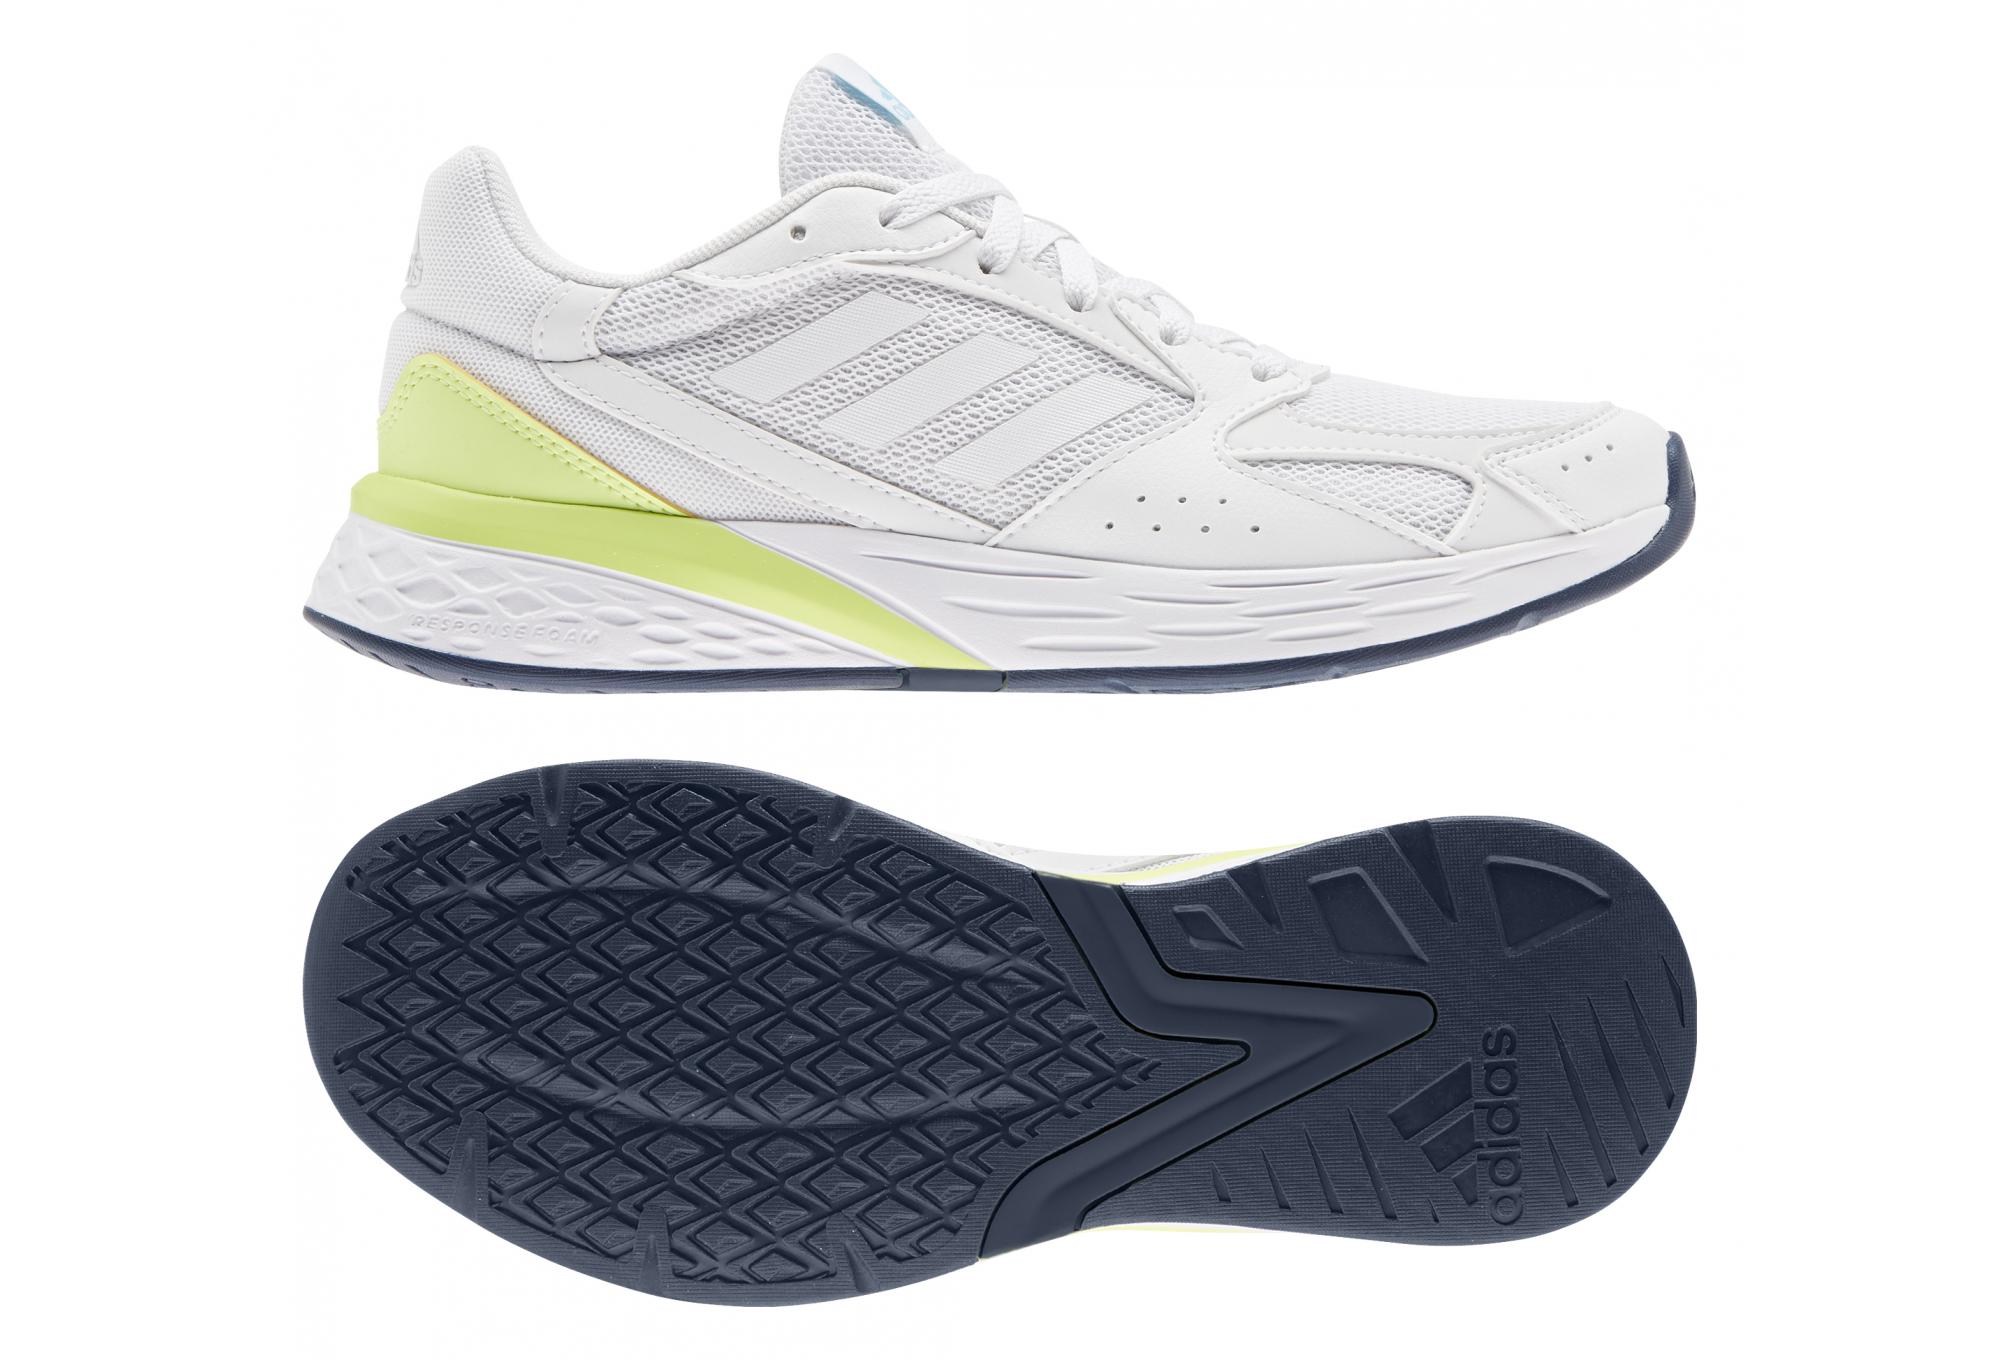 Chaussures femme adidas Response Run   Alltricks.com